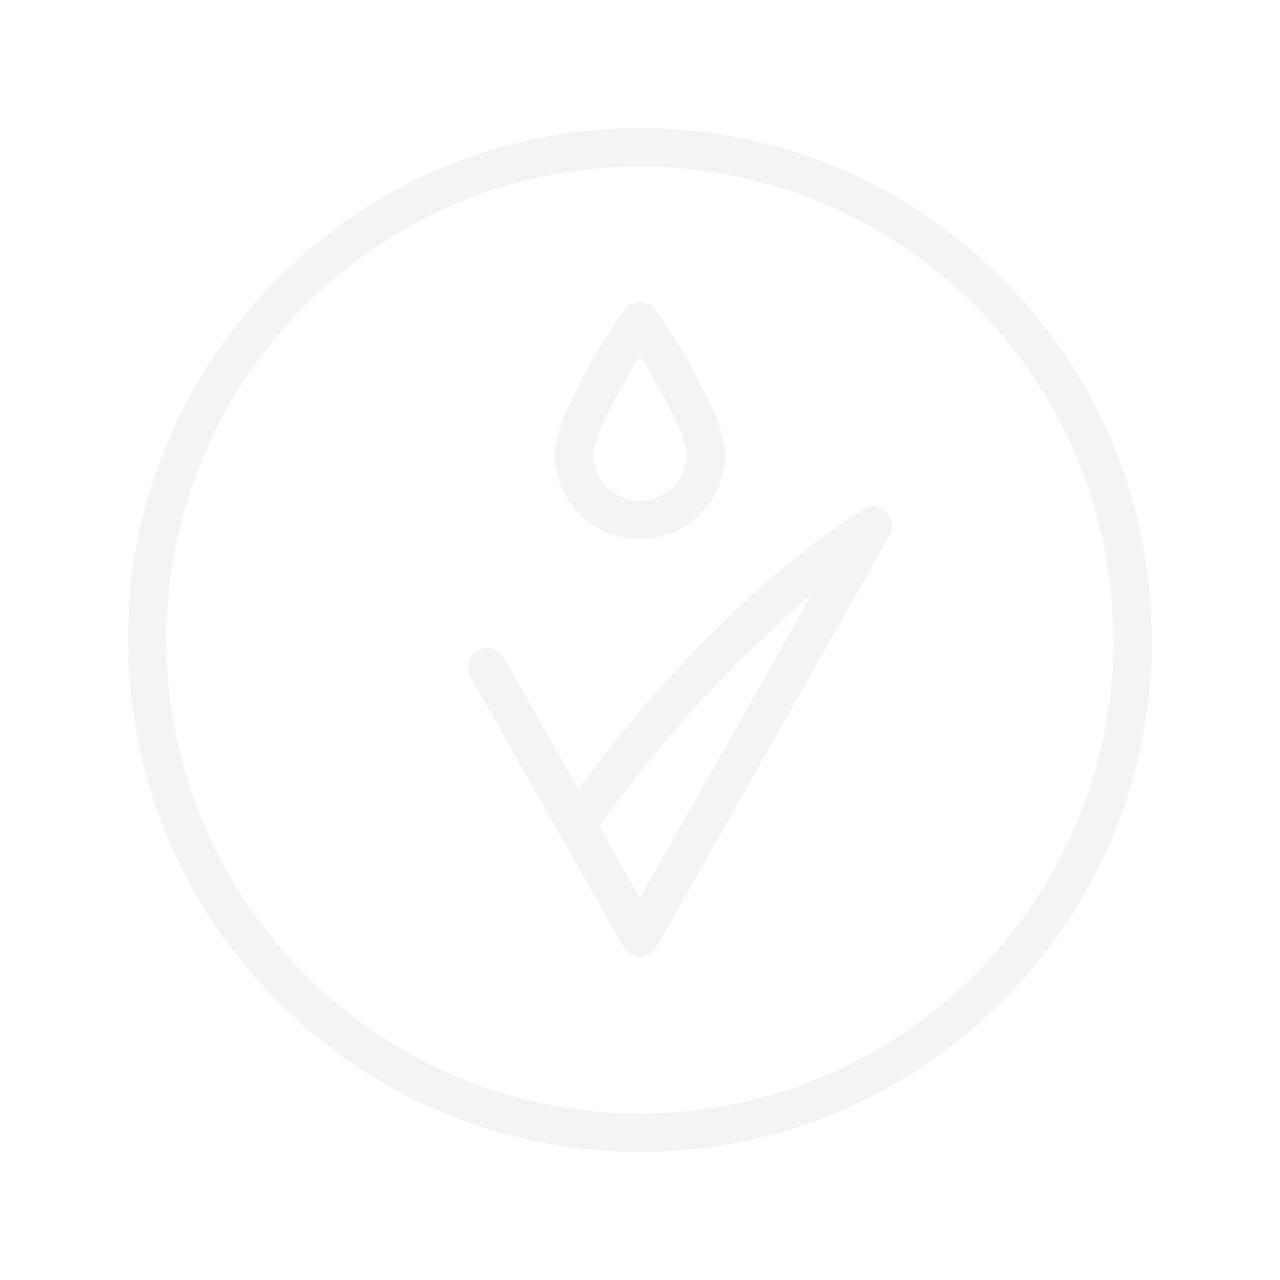 L'OREAL Color Riche Couture Lip Liner 5g